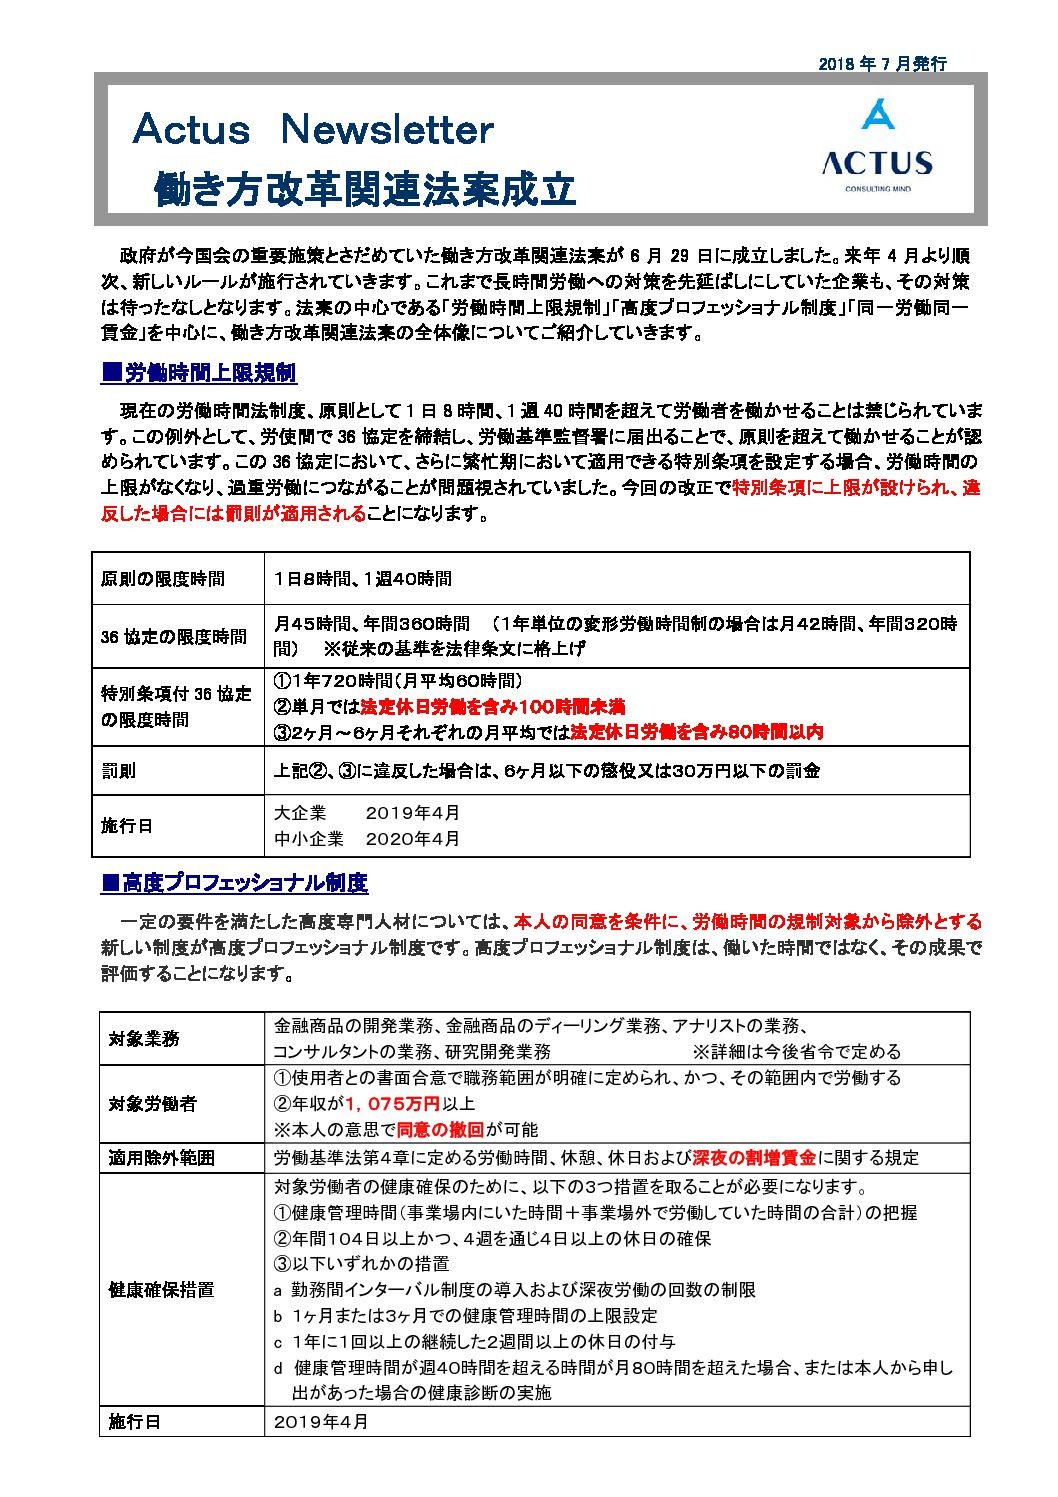 【特別号】働き方改革関連法案成立